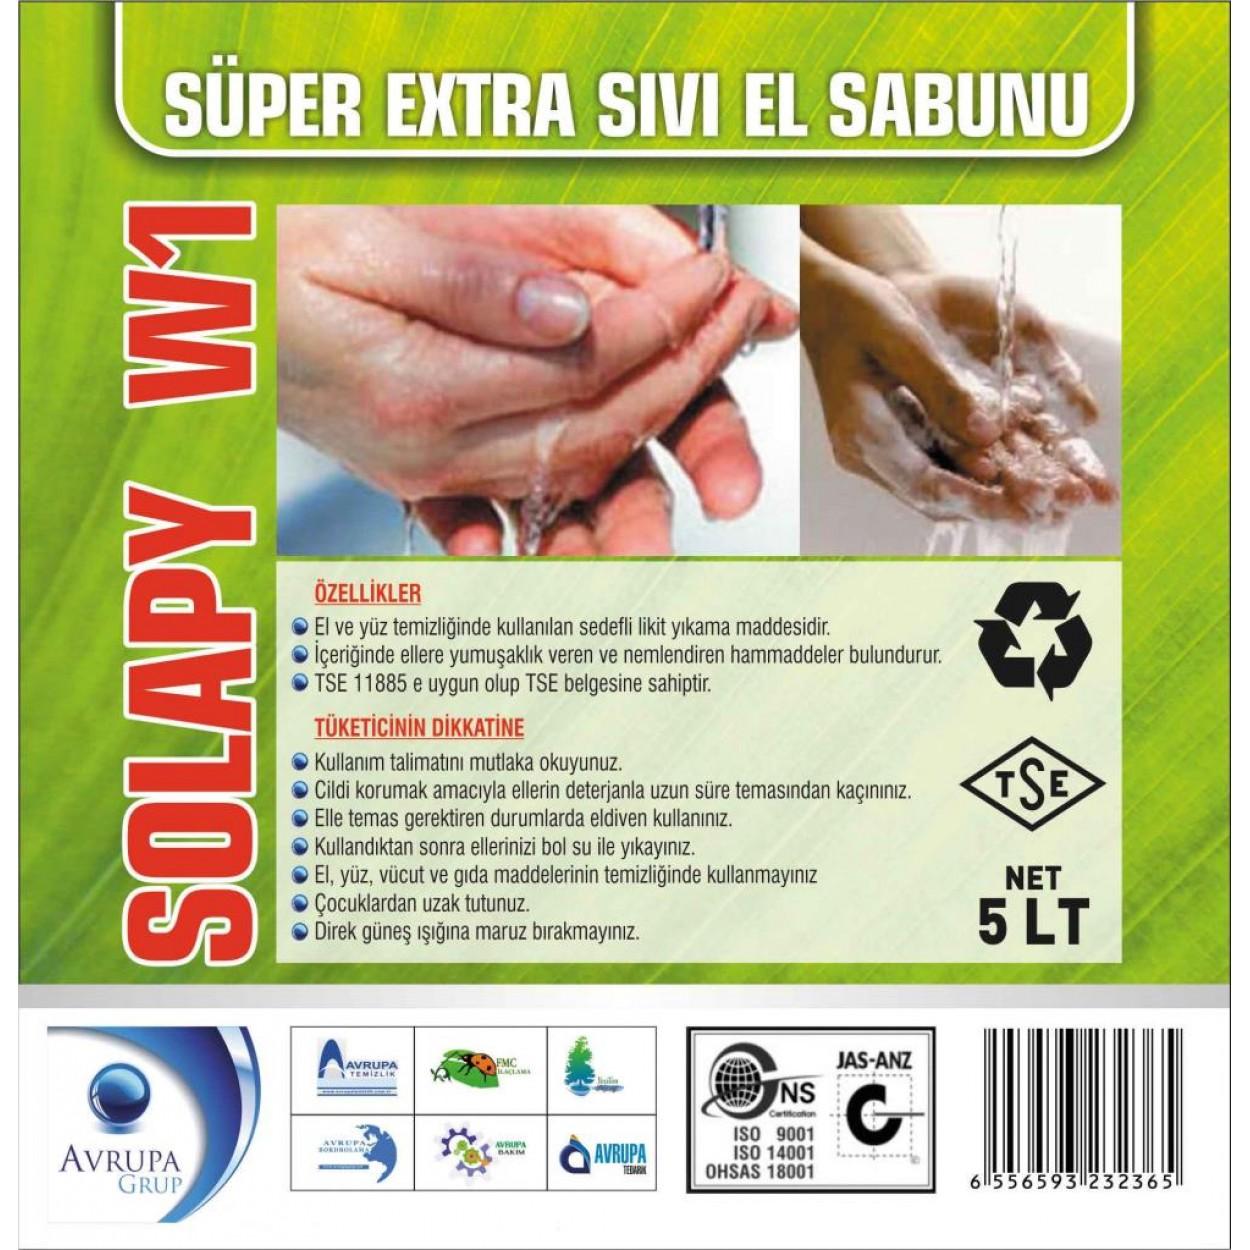 Solapy W1 Sedefli Parfümlü El Yıkama Sıvısı S.Ekstra 5 Litre